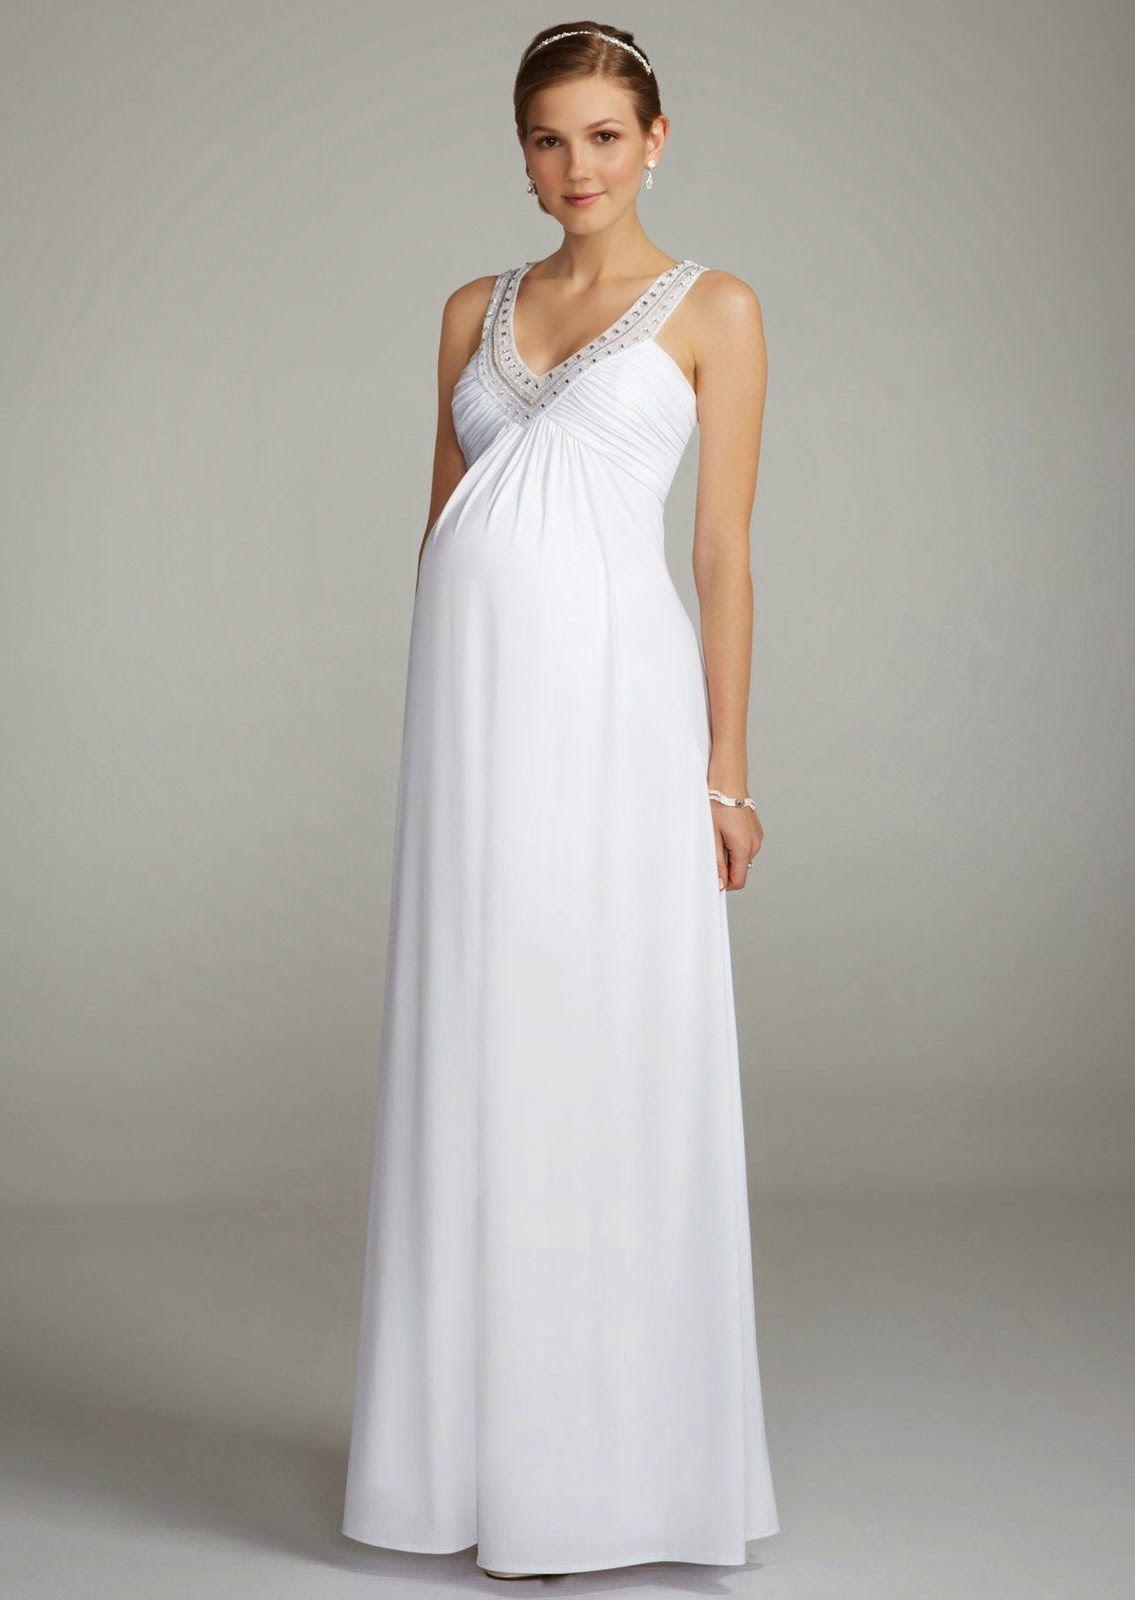 Cheap Maternity Bridesmaid Dresses   Top 20 Maternity ...